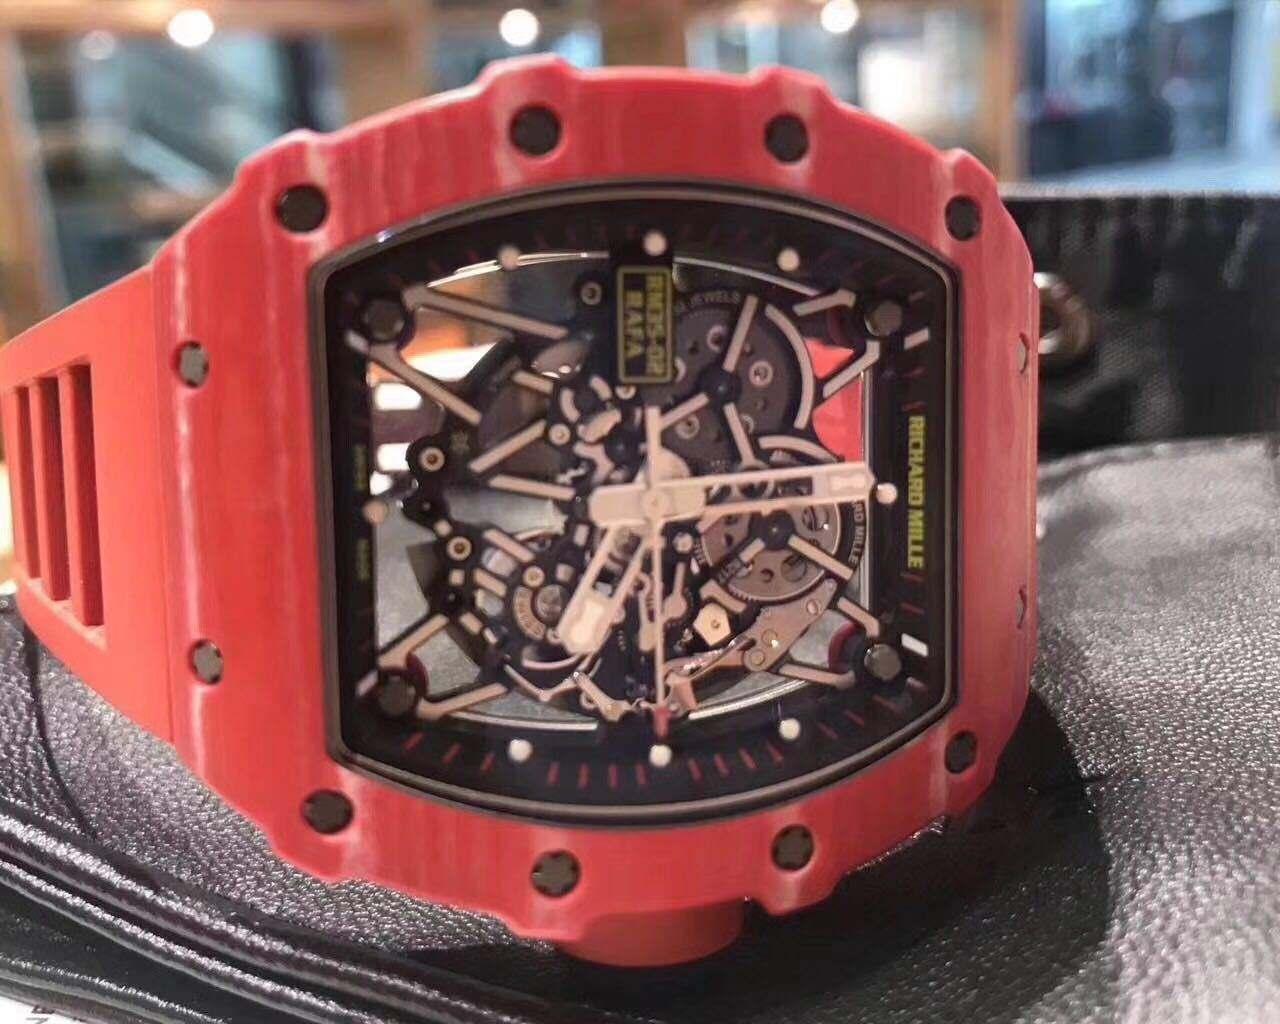 【搞笑段子】带三百块的表跟三十万块钱的表 时间都是一样的